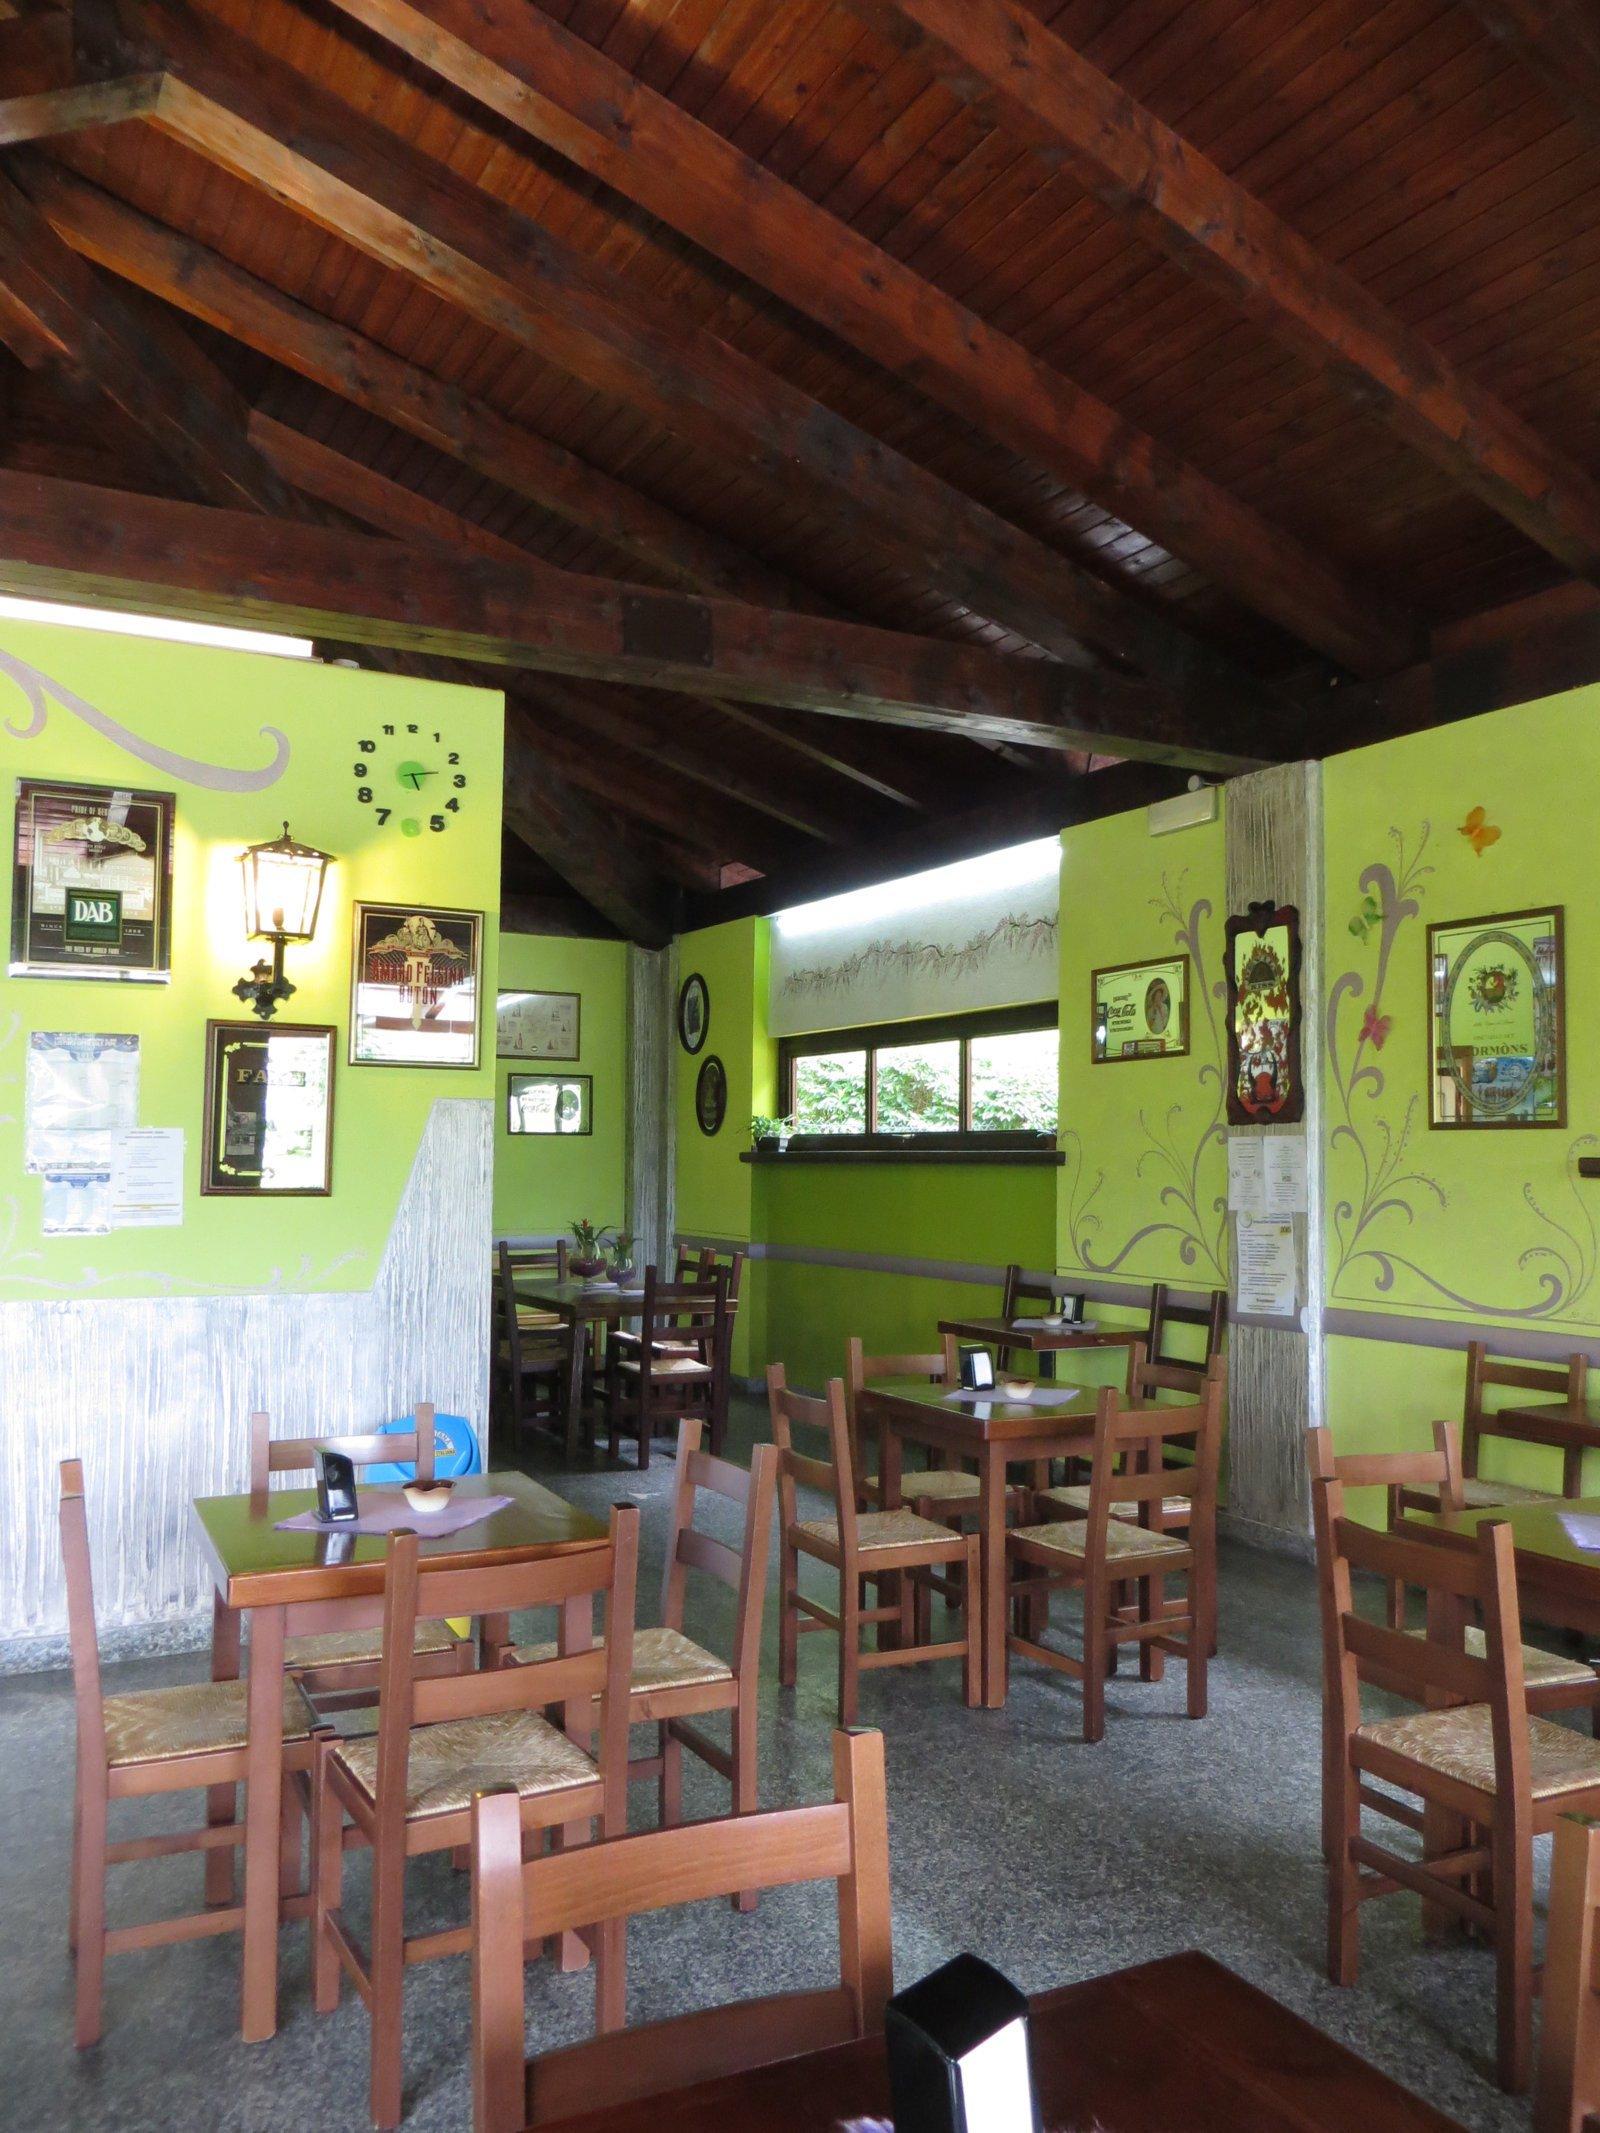 sala con tavoli e sedie e pareti verdi